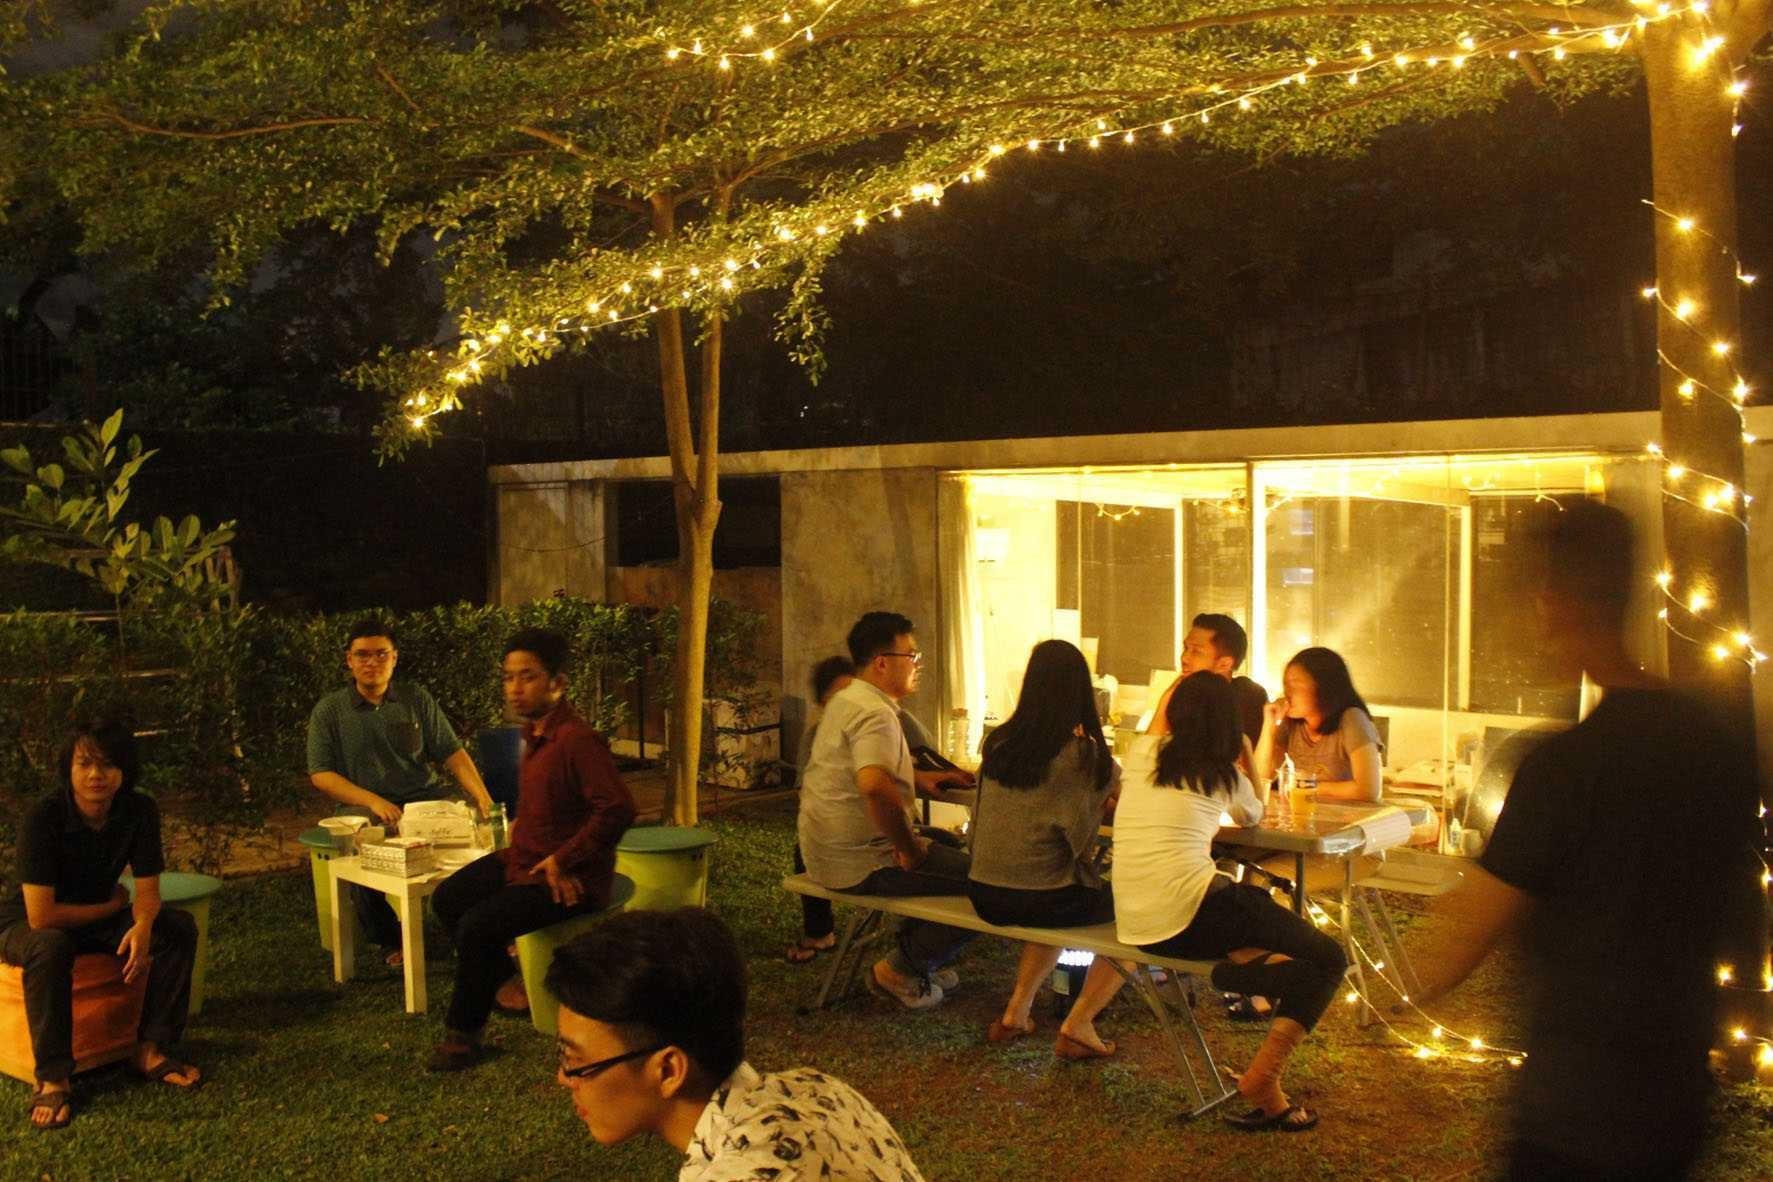 7 Ide Desain Outdoor Party Yang Seru Dan Menyenangkan Di Rumah Anda | Foto artikel Arsitag